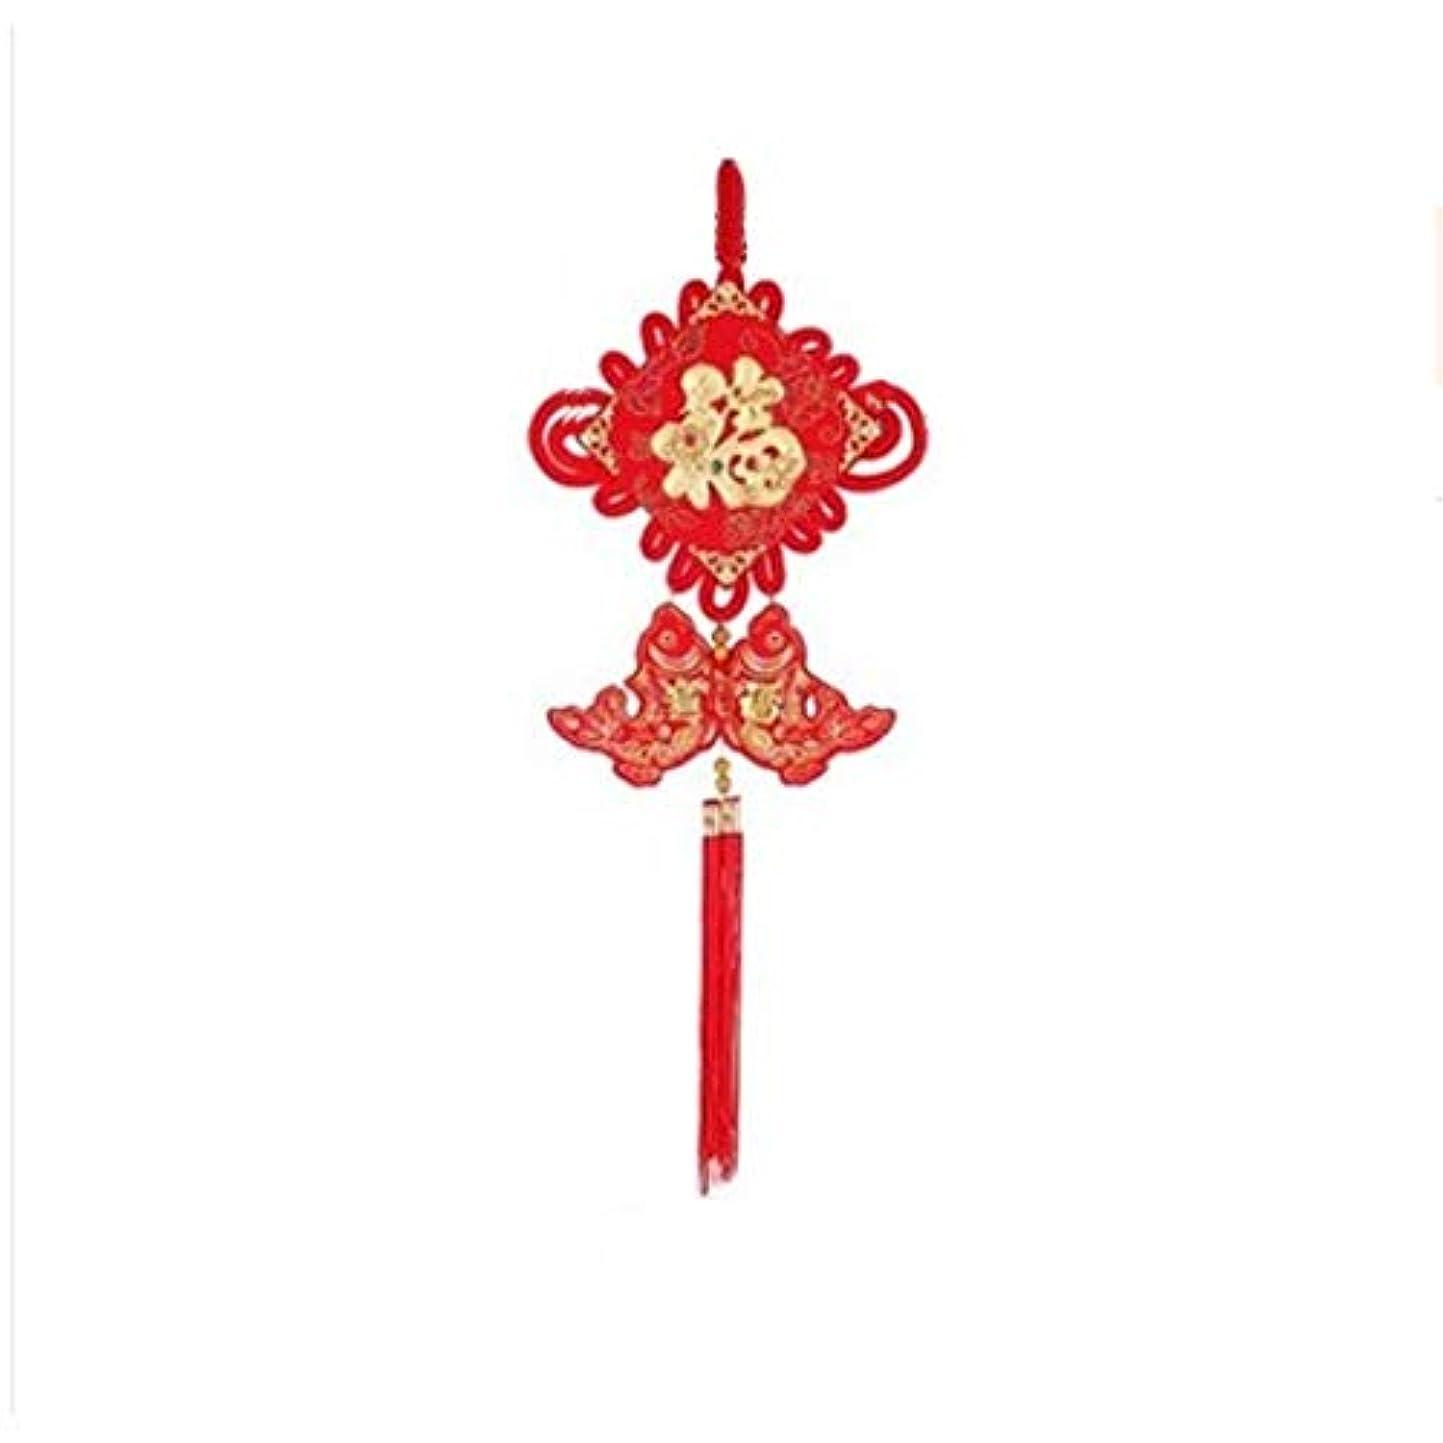 失うバン青Jielongtongxun 高品位の赤の祝福中国の結び目、中国の新年ぶら下げ装飾品、ギフト、家の装飾、赤,絶妙な飾り (Size : 80cm)